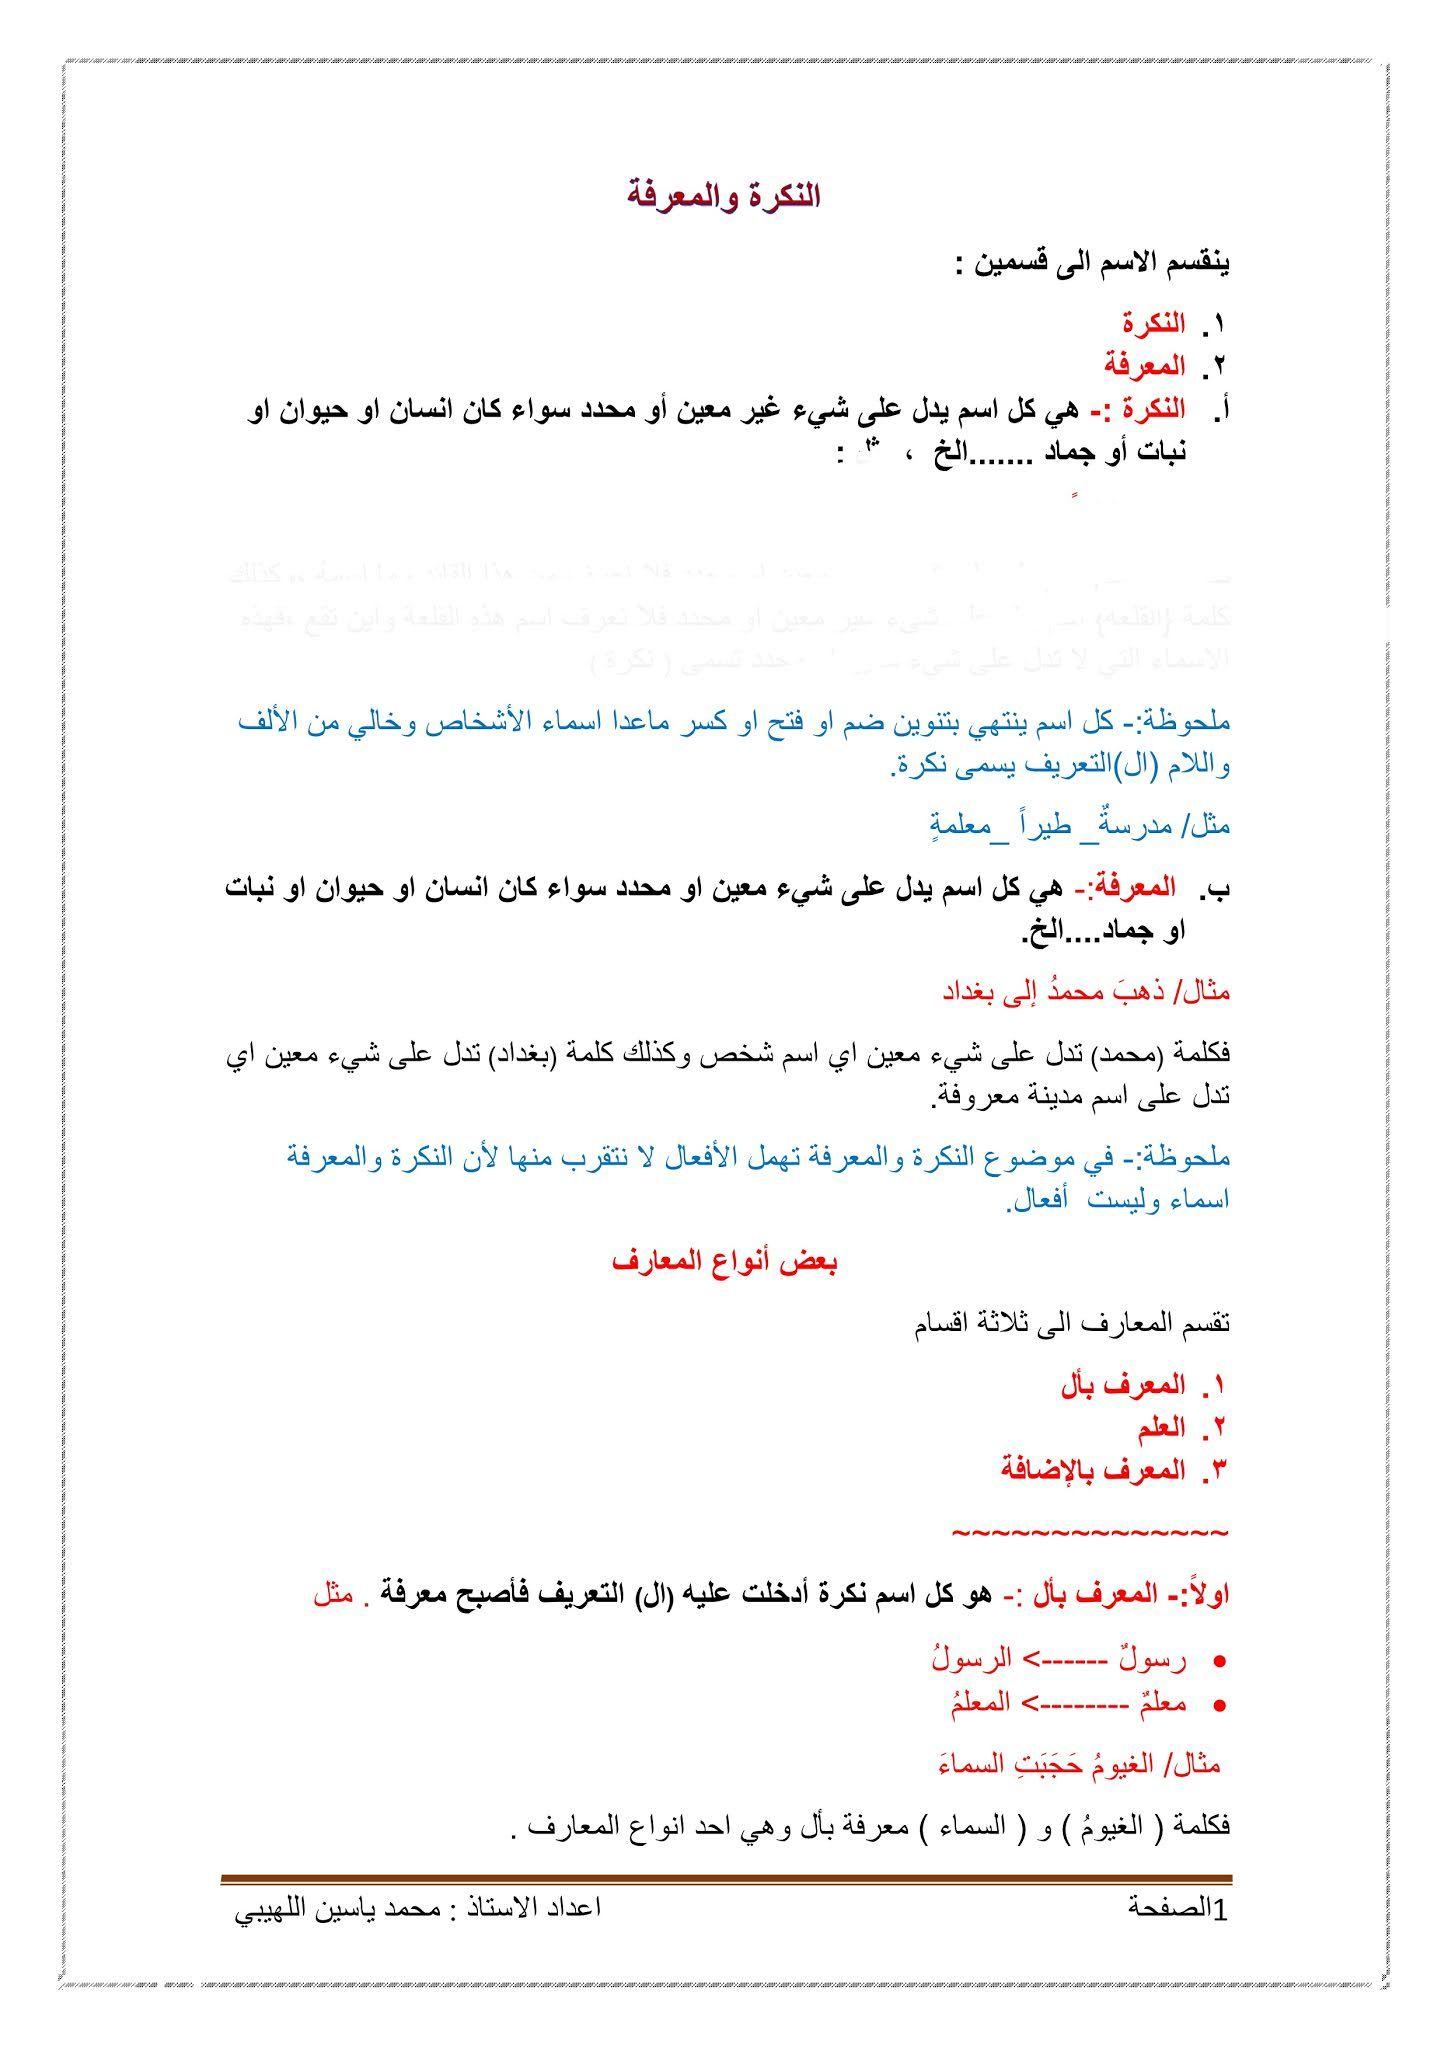 اوراق ملخص اللغة العربية للصف السادس الإبتدائي إعداد الأستاذ محمد ياسين اللهيبي اهلا بكم متابعي موقع وقناة الاستاذ احمد مهدي شلال في هذا Blog Blog Posts Post